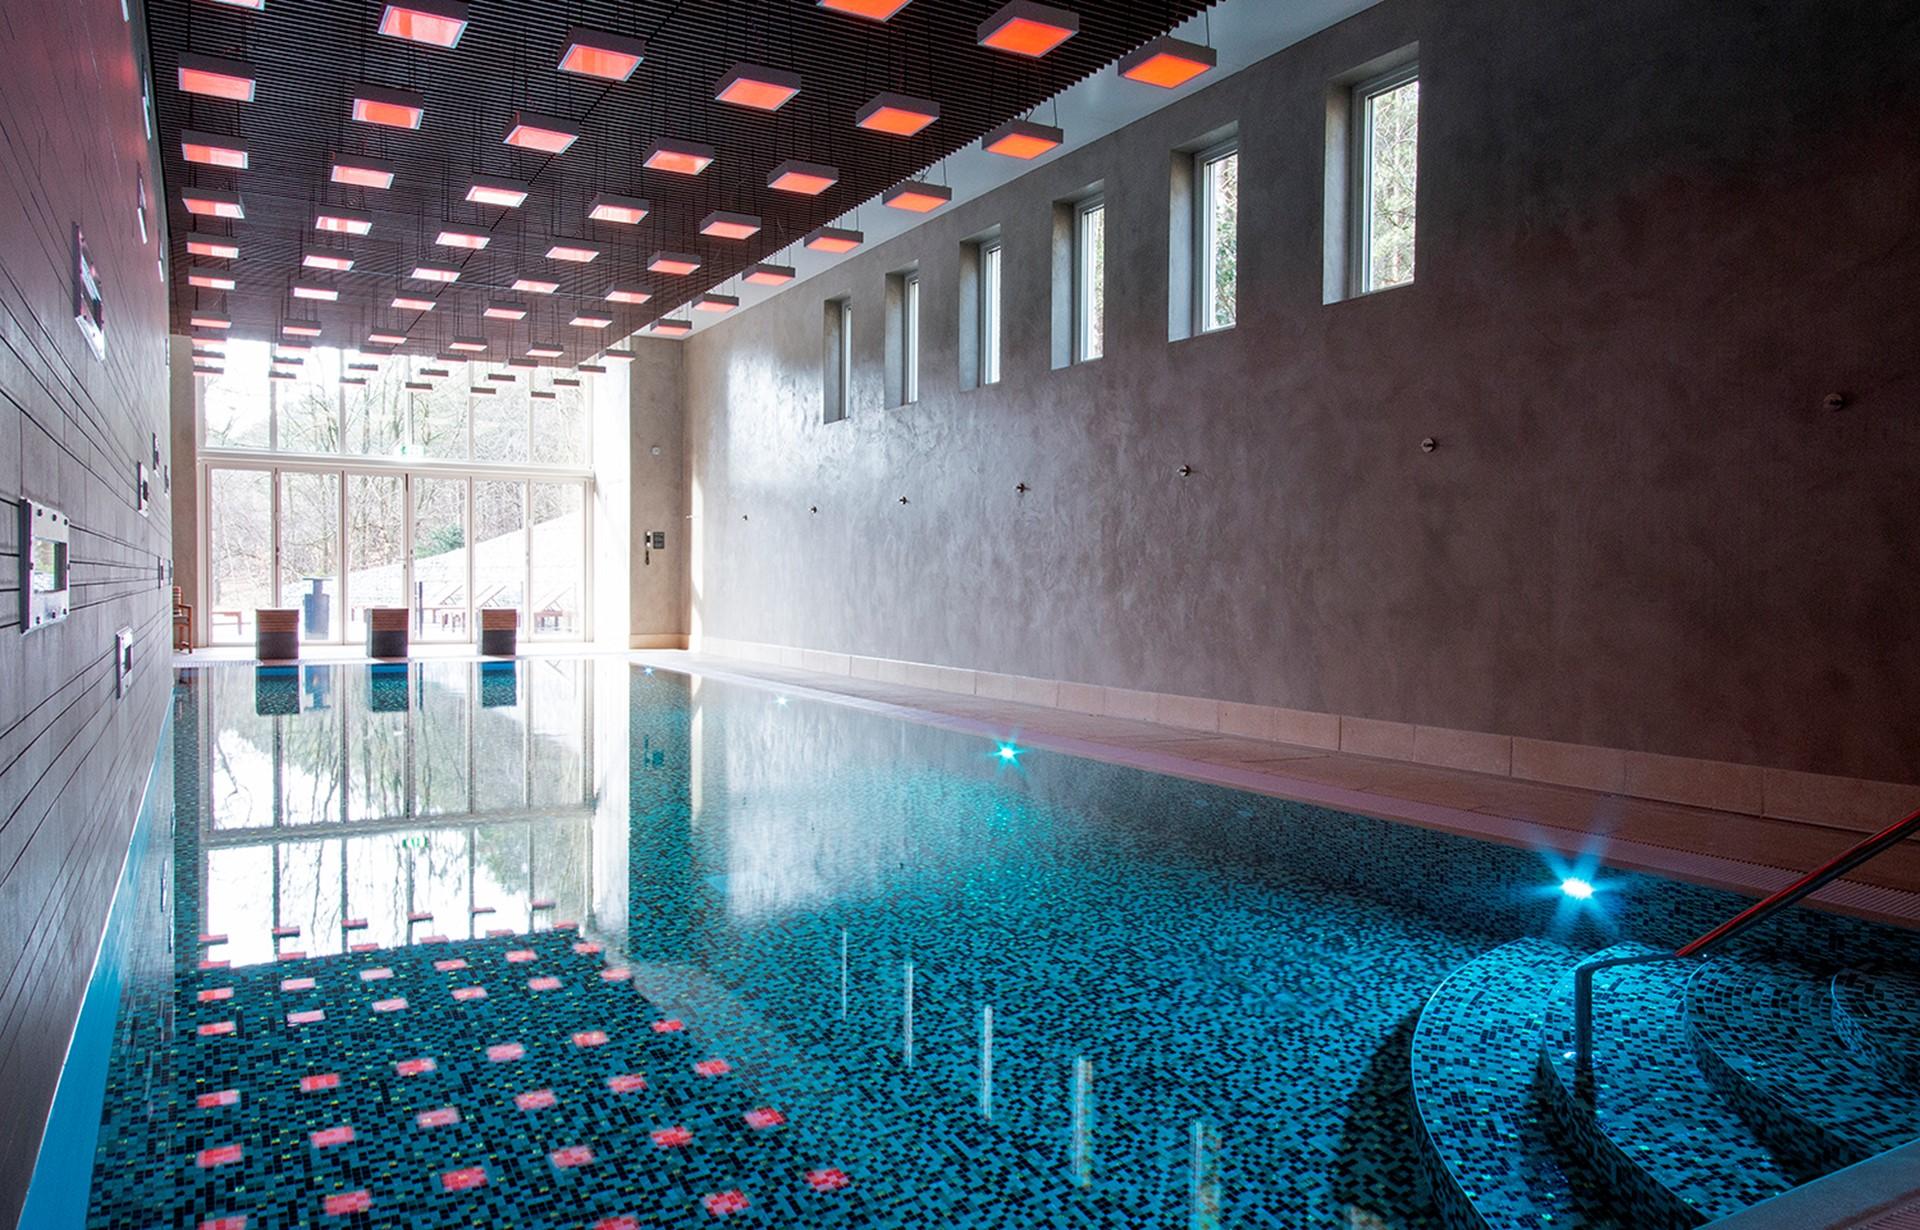 zwembad-feb2019 (02) klein.jpg